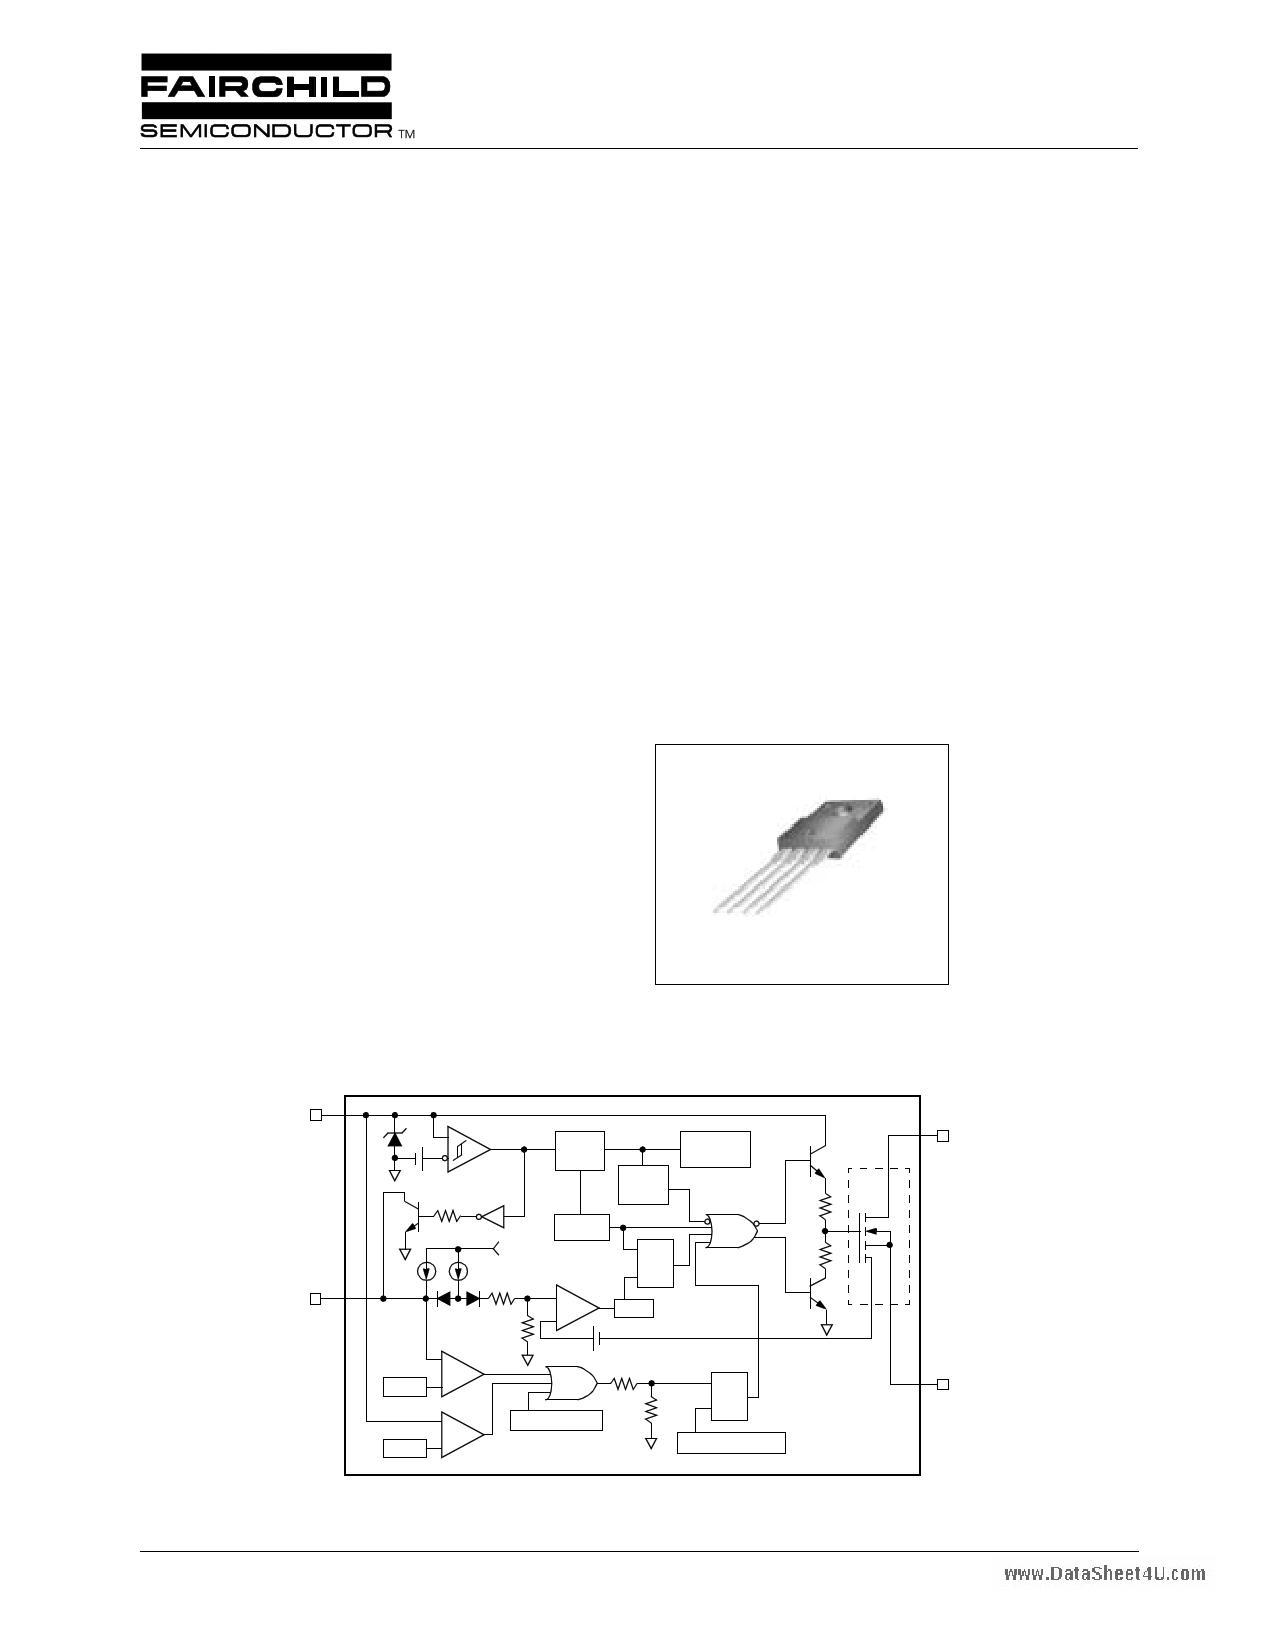 1M0380R datasheet pinout